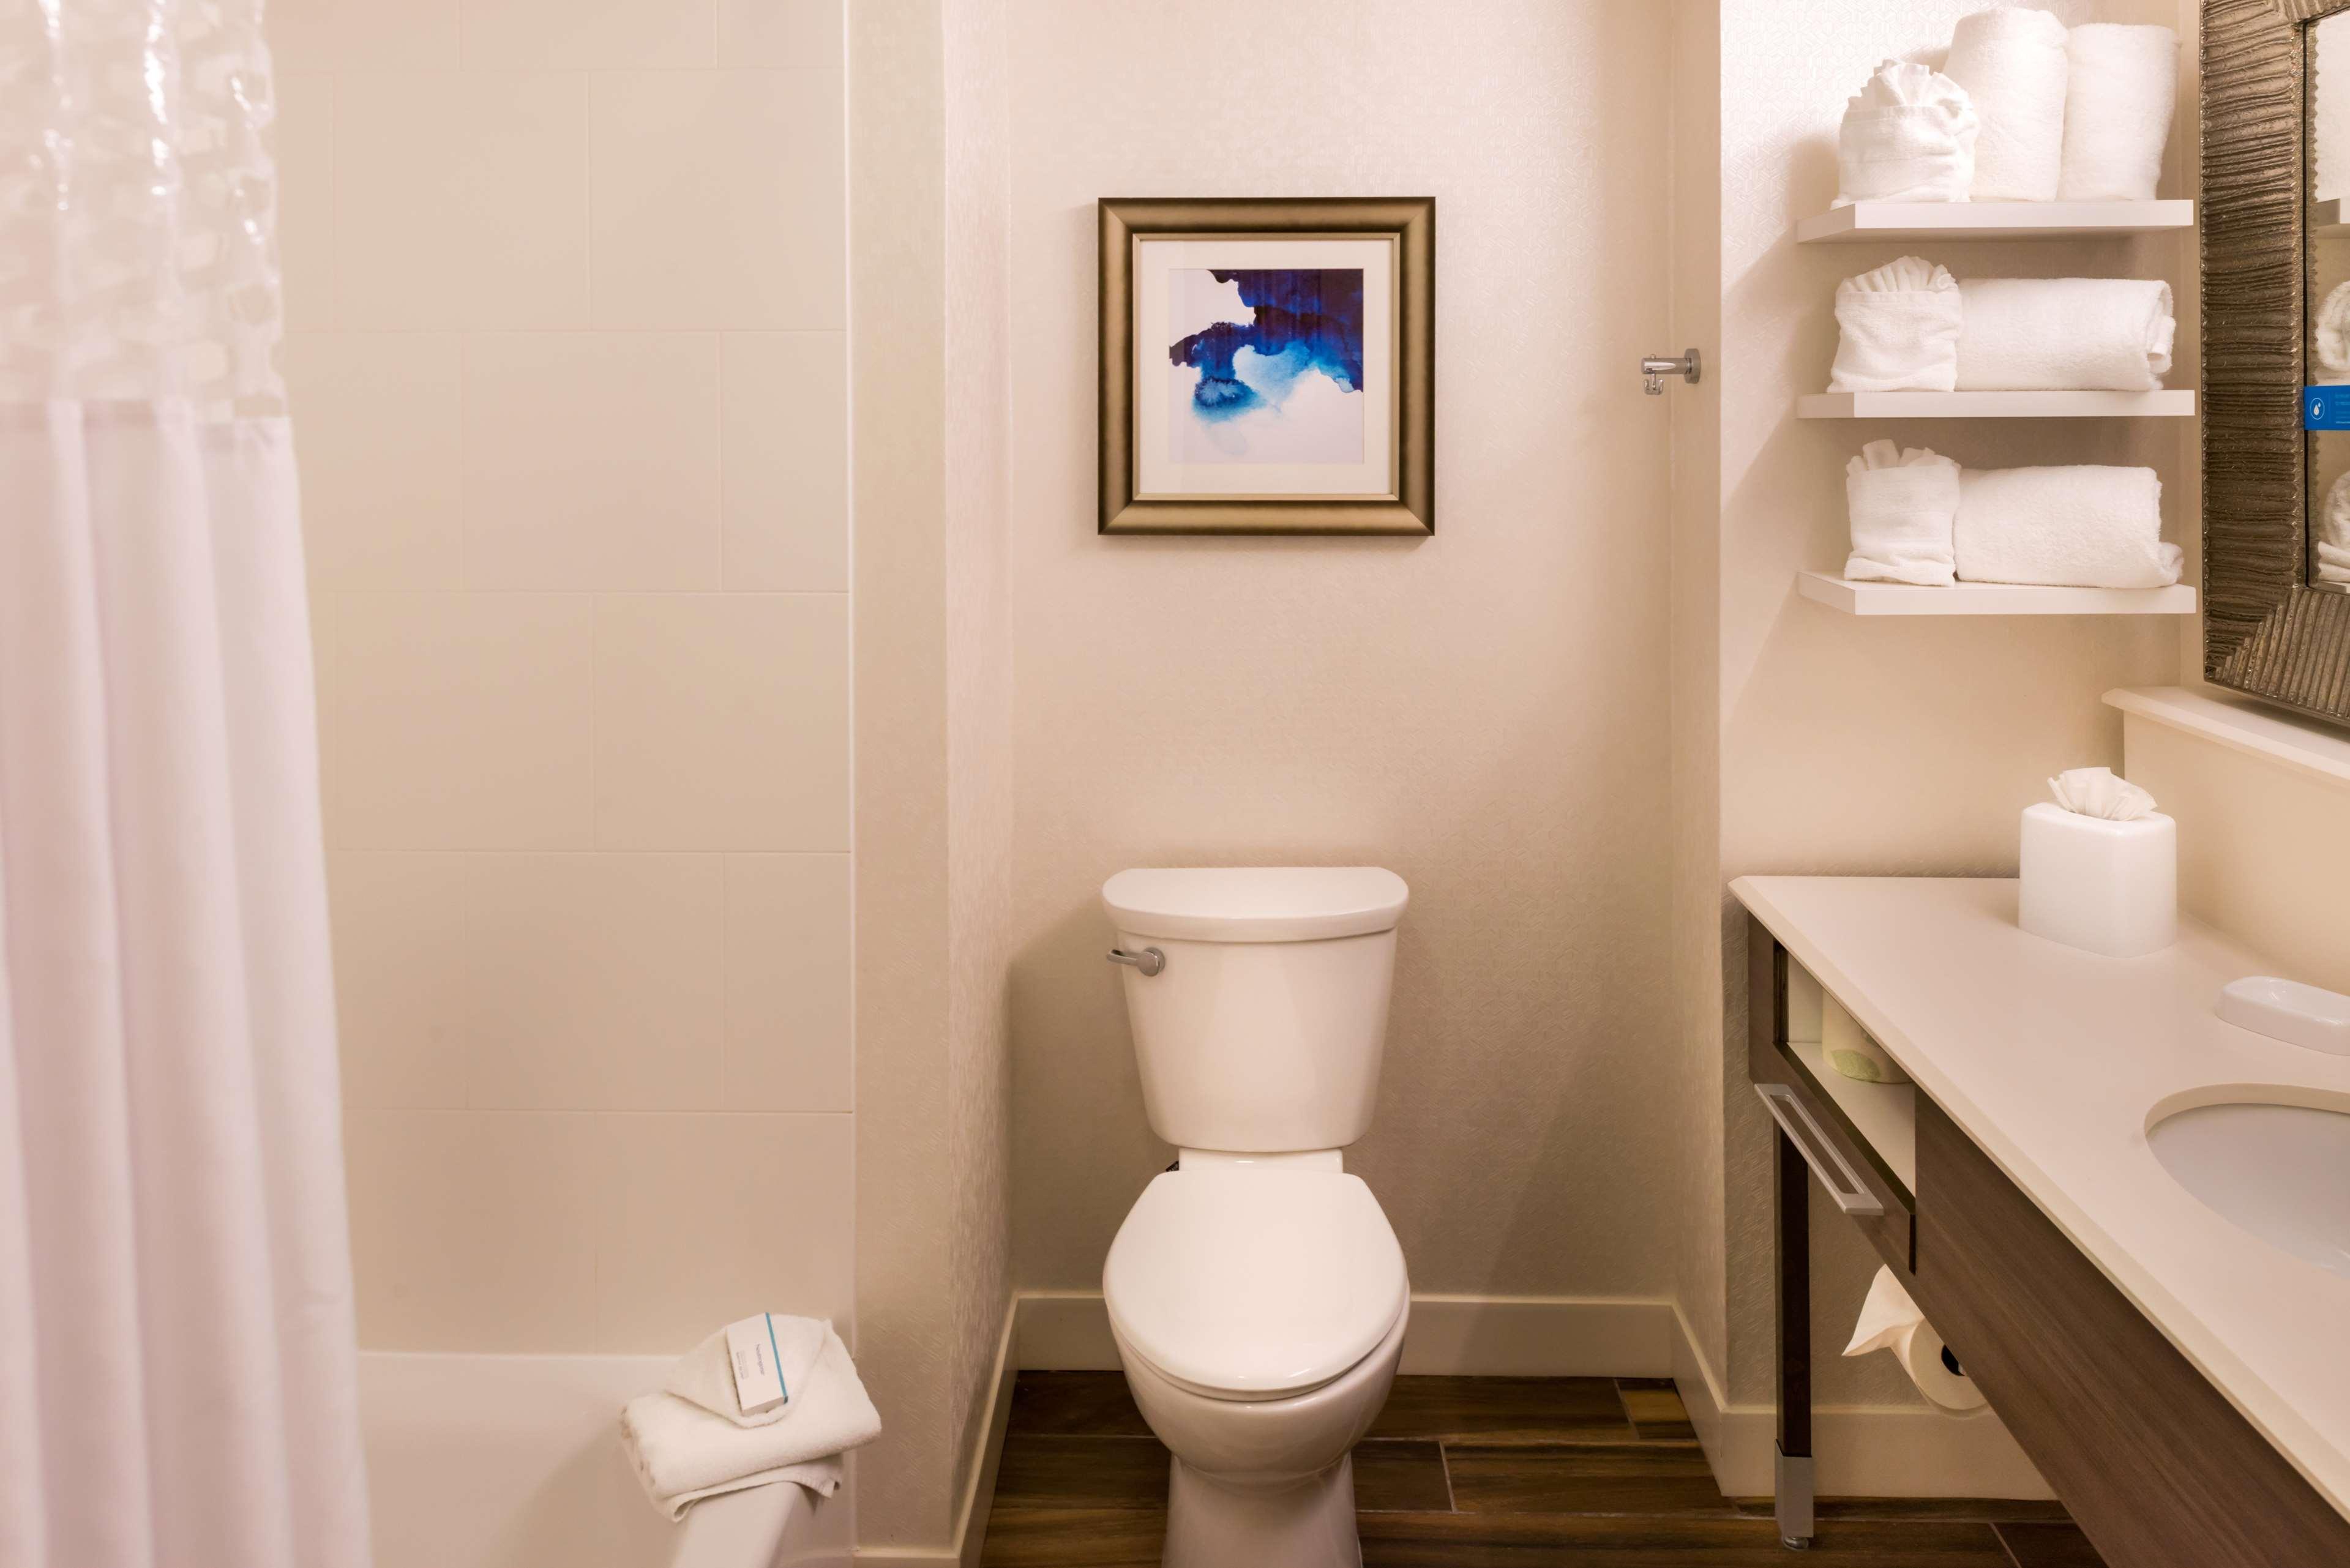 Hampton Inn & Suites Orlando/East UCF Area image 20